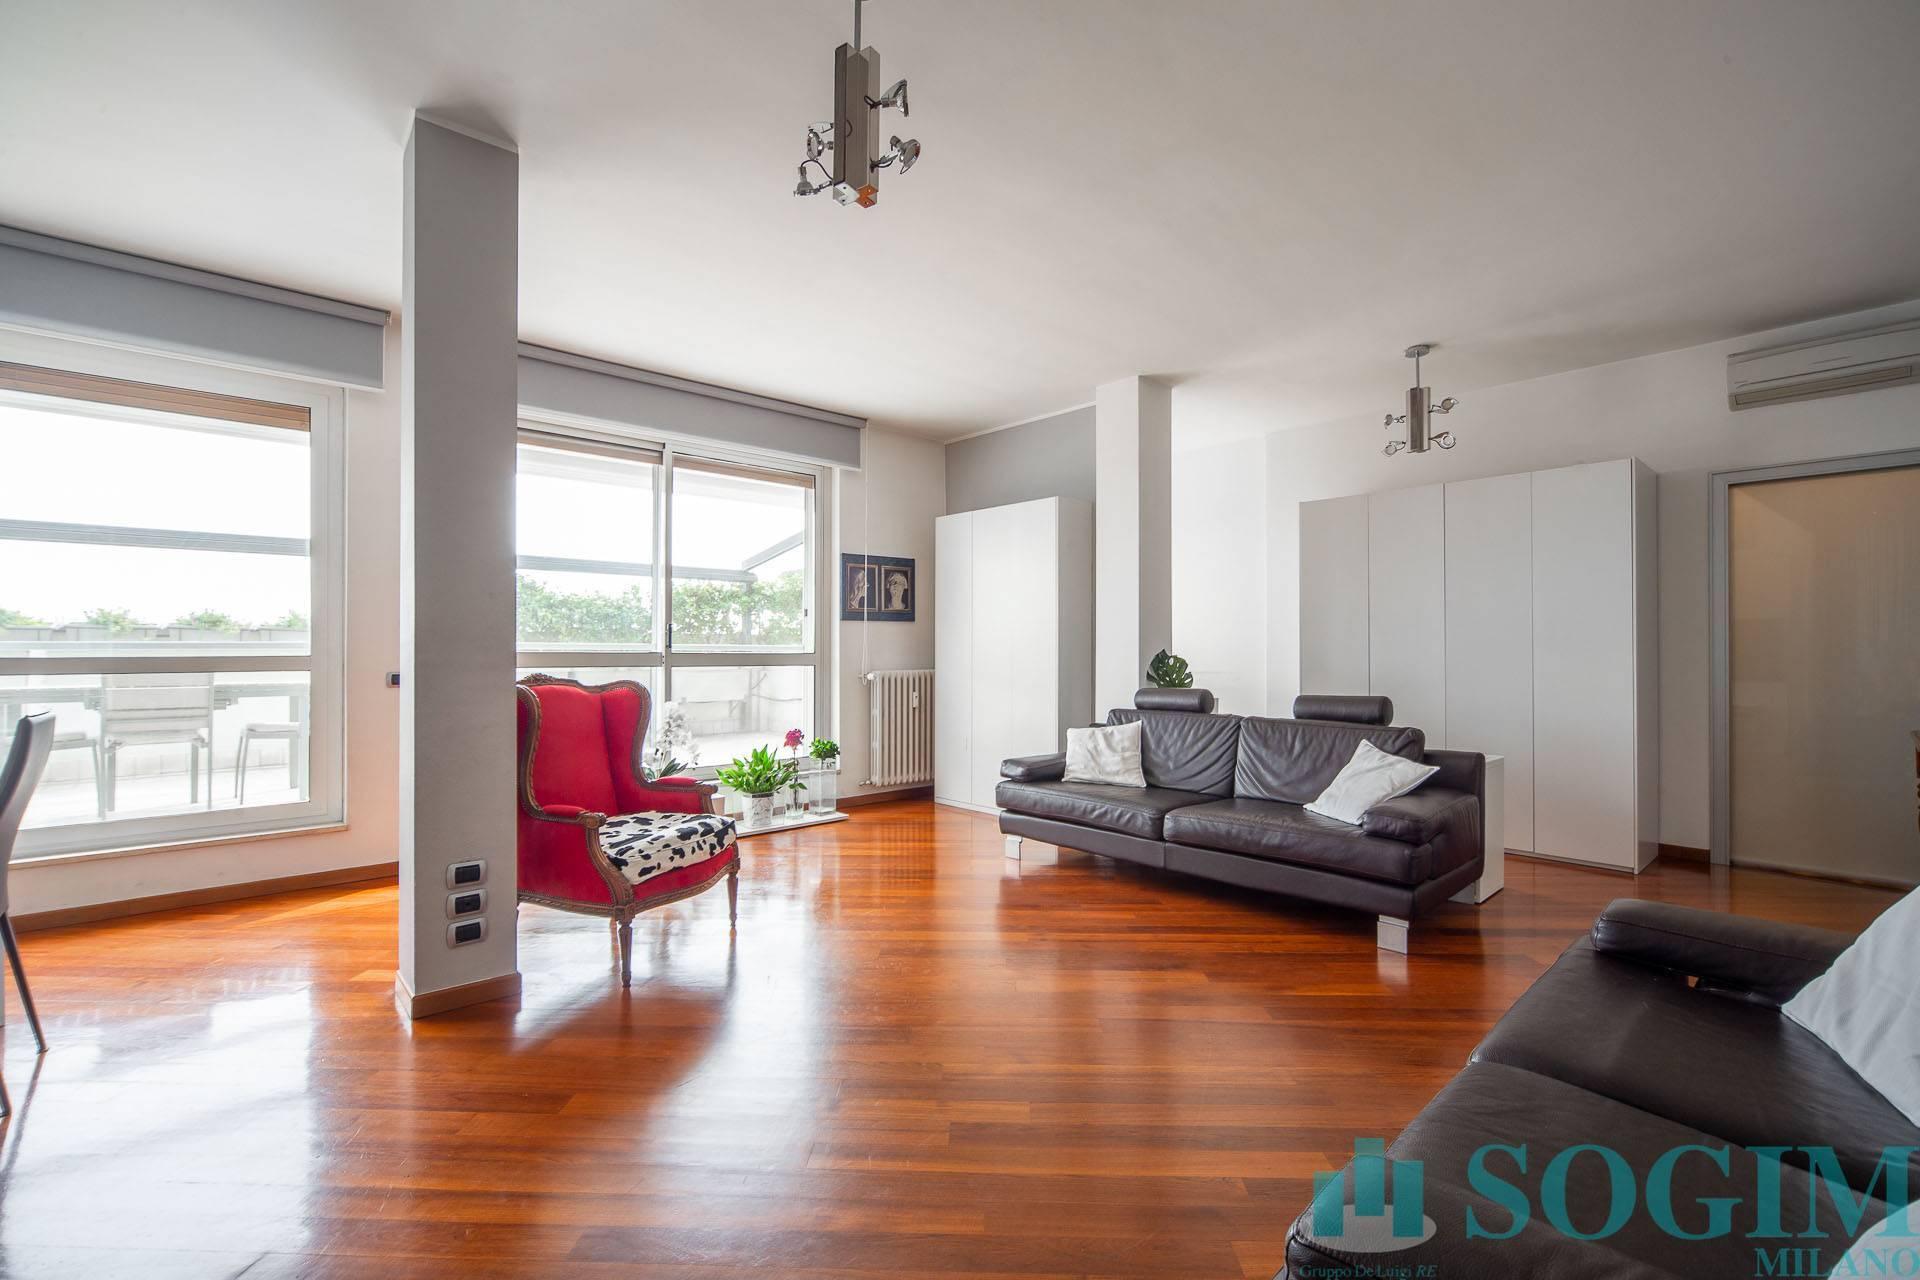 Appartamento in vendita a Sesto San Giovanni, 4 locali, prezzo € 528.000 | PortaleAgenzieImmobiliari.it